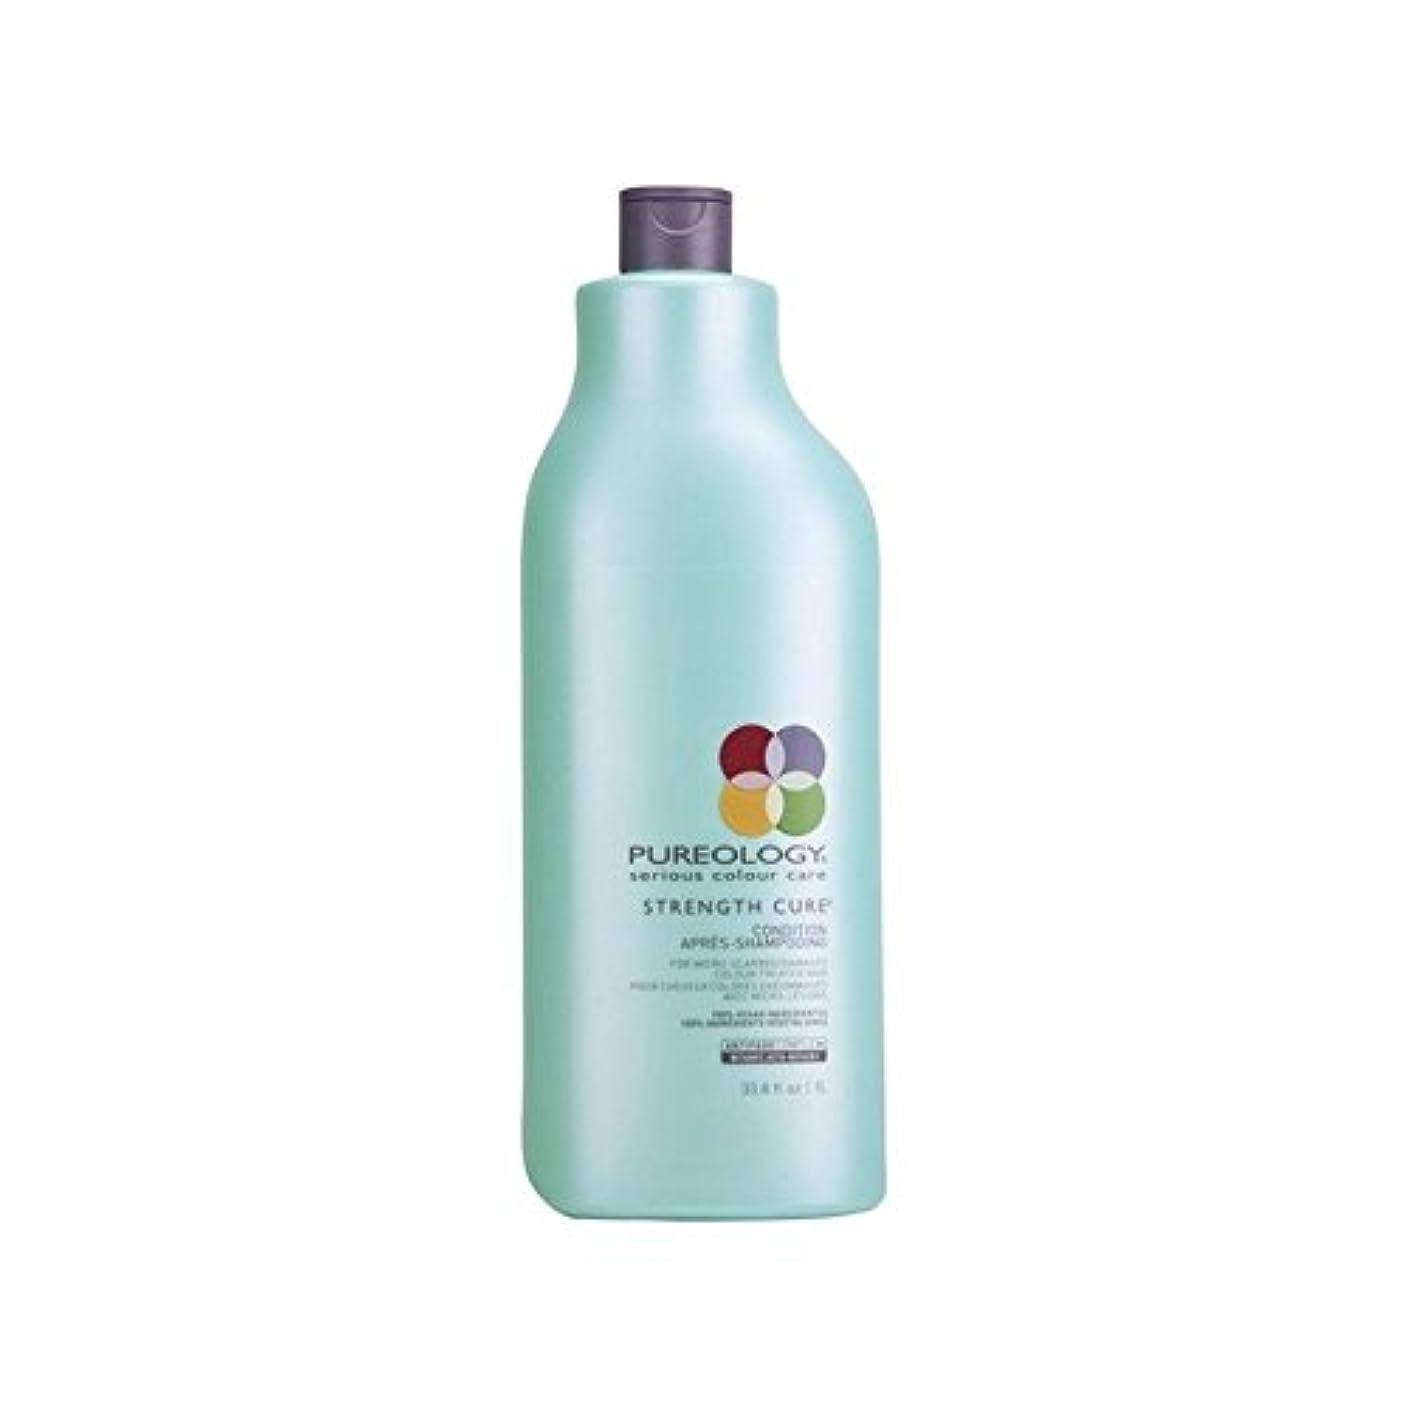 レスリングクリーム顕著Pureology Strength Cure Conditioner (1000ml) (Pack of 6) - 強度硬化コンディショナー(千ミリリットル) x6 [並行輸入品]